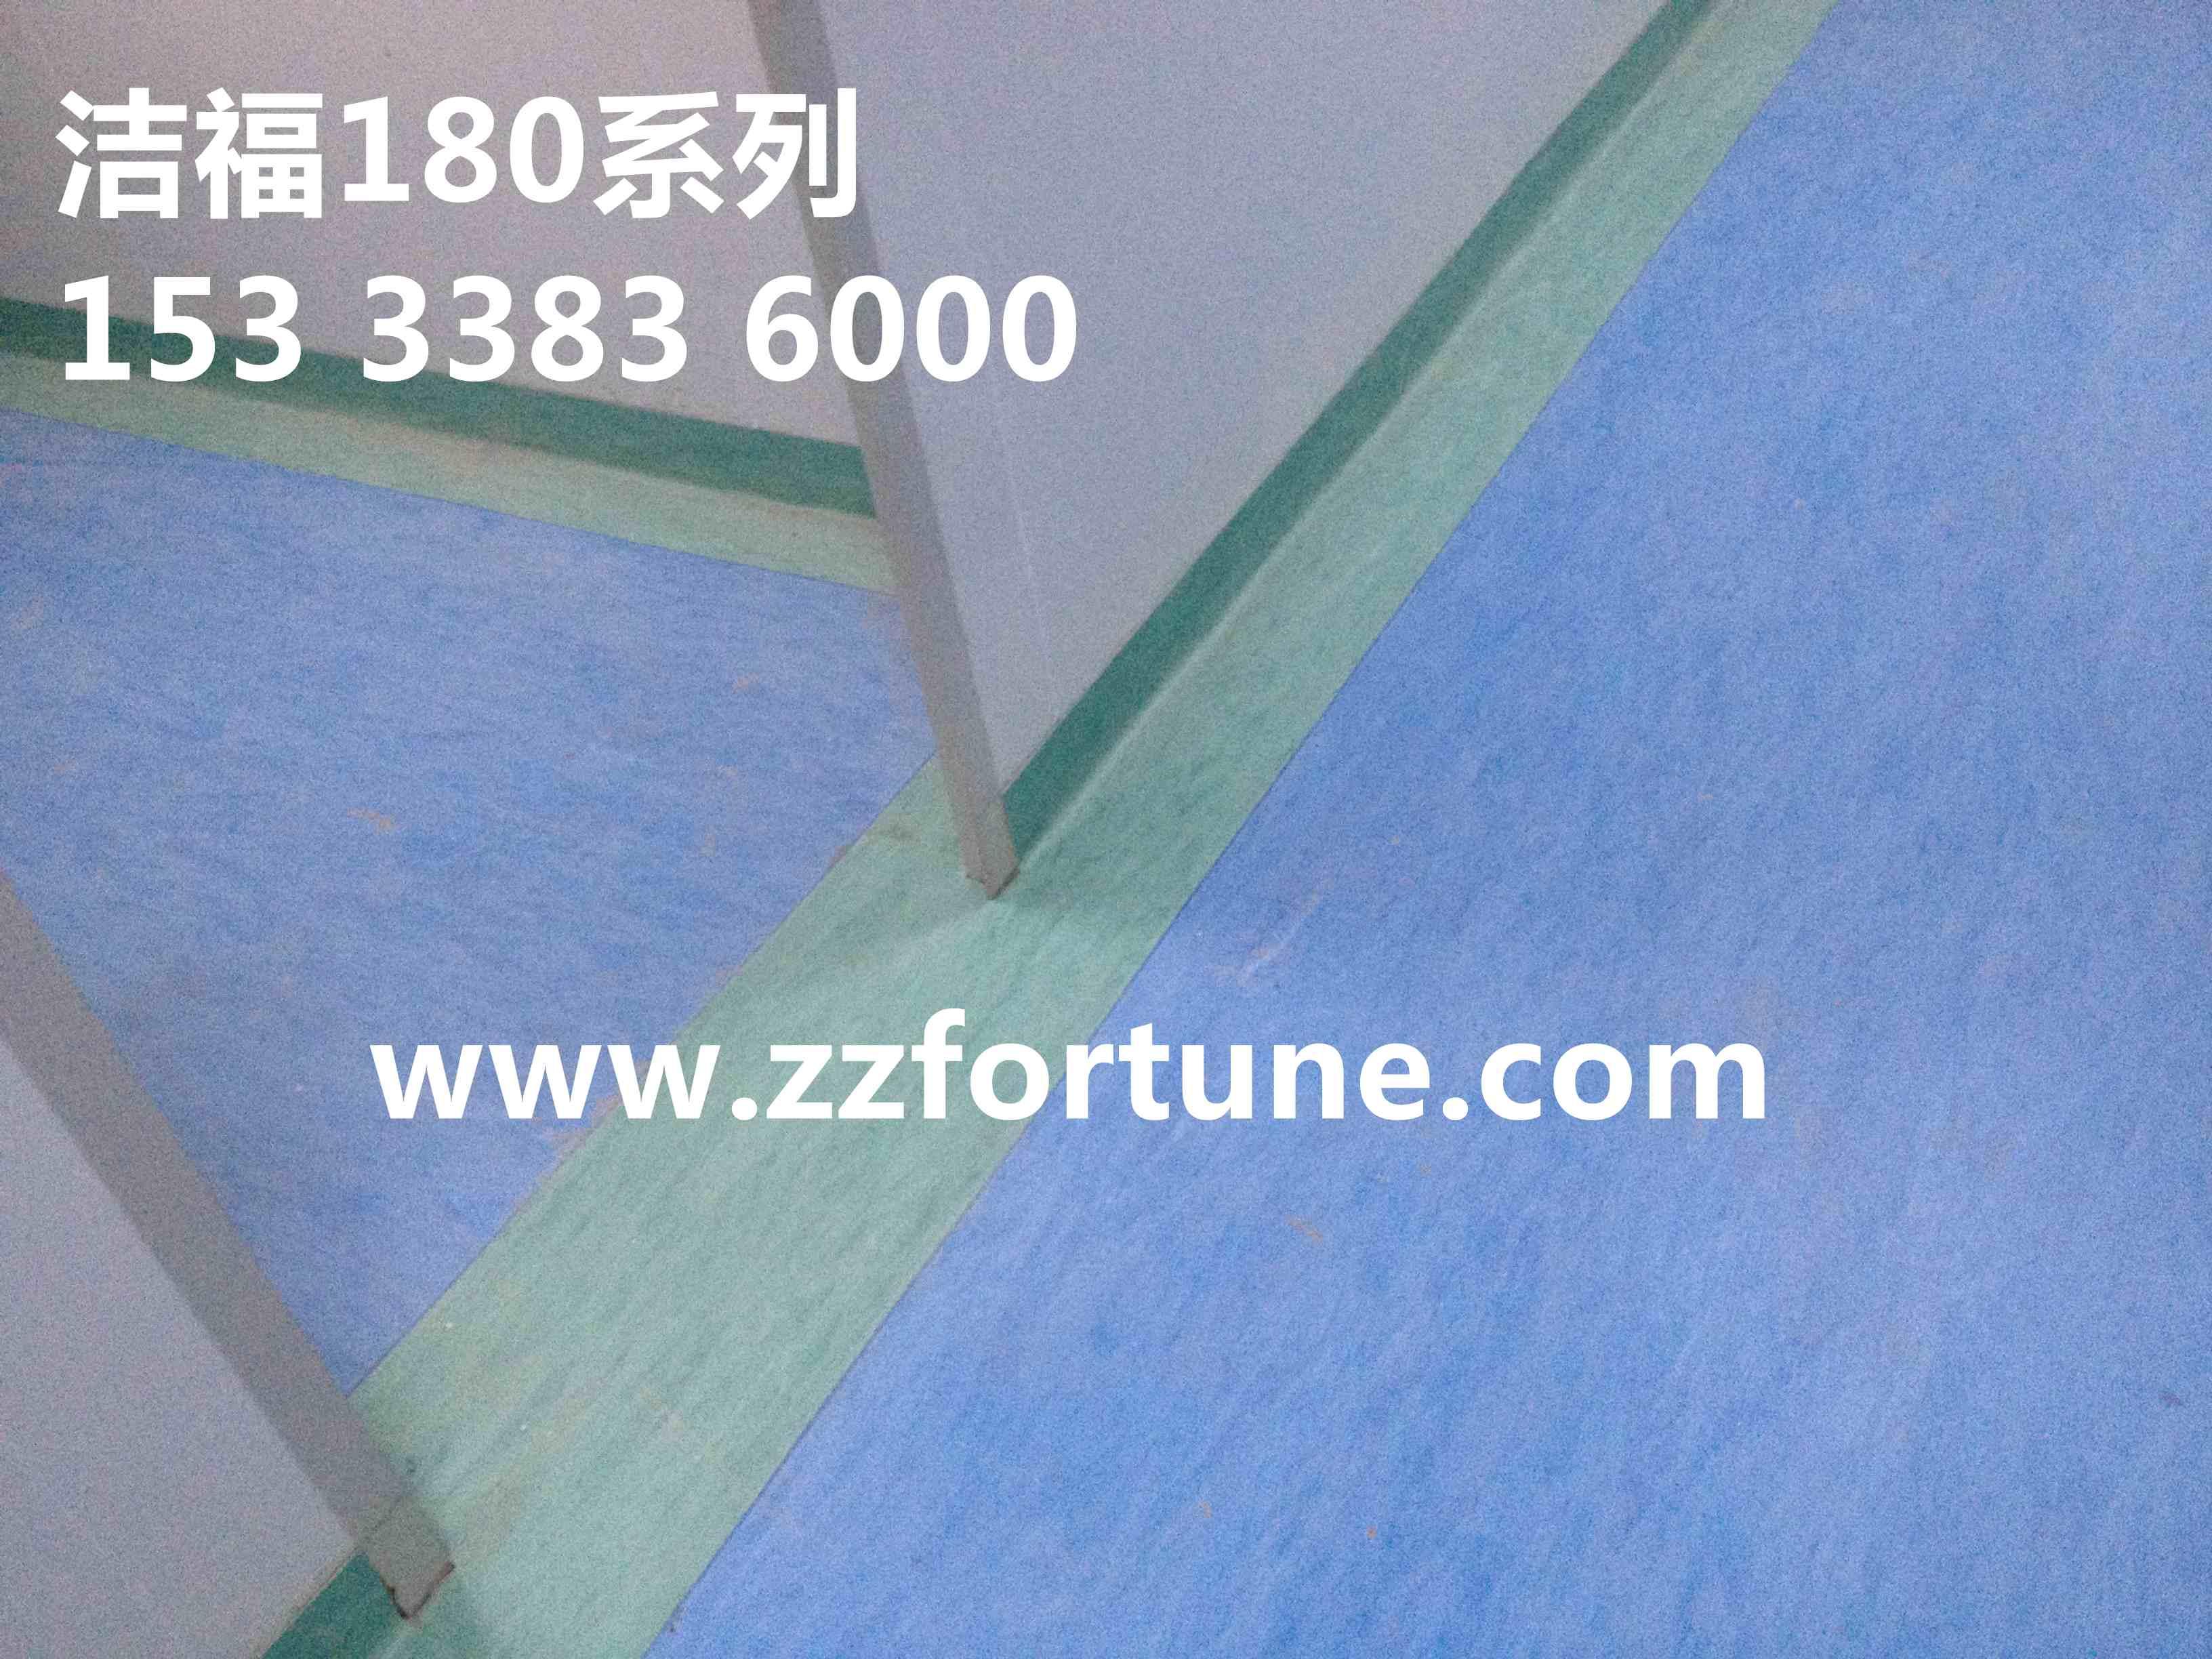 彭泽县洁福雅确塑胶地板多少钱一平方